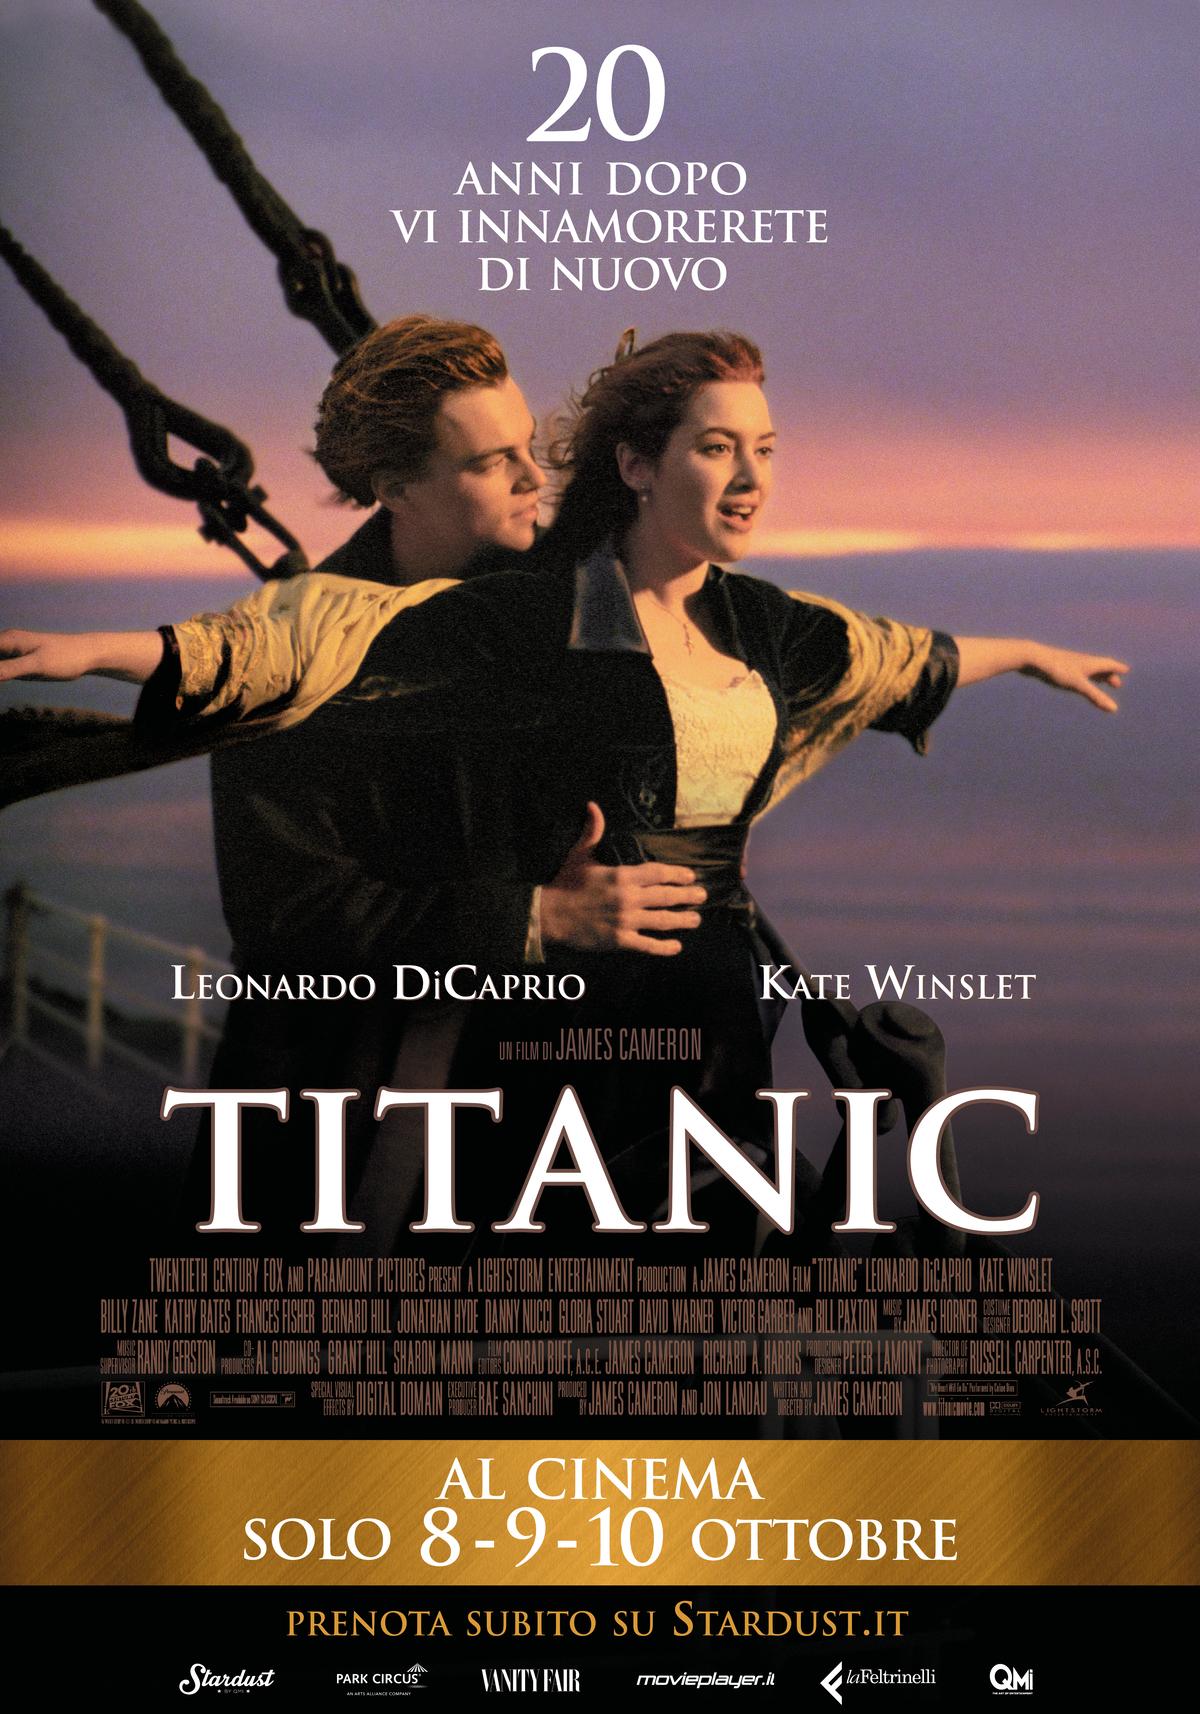 Titanic (riedizione)